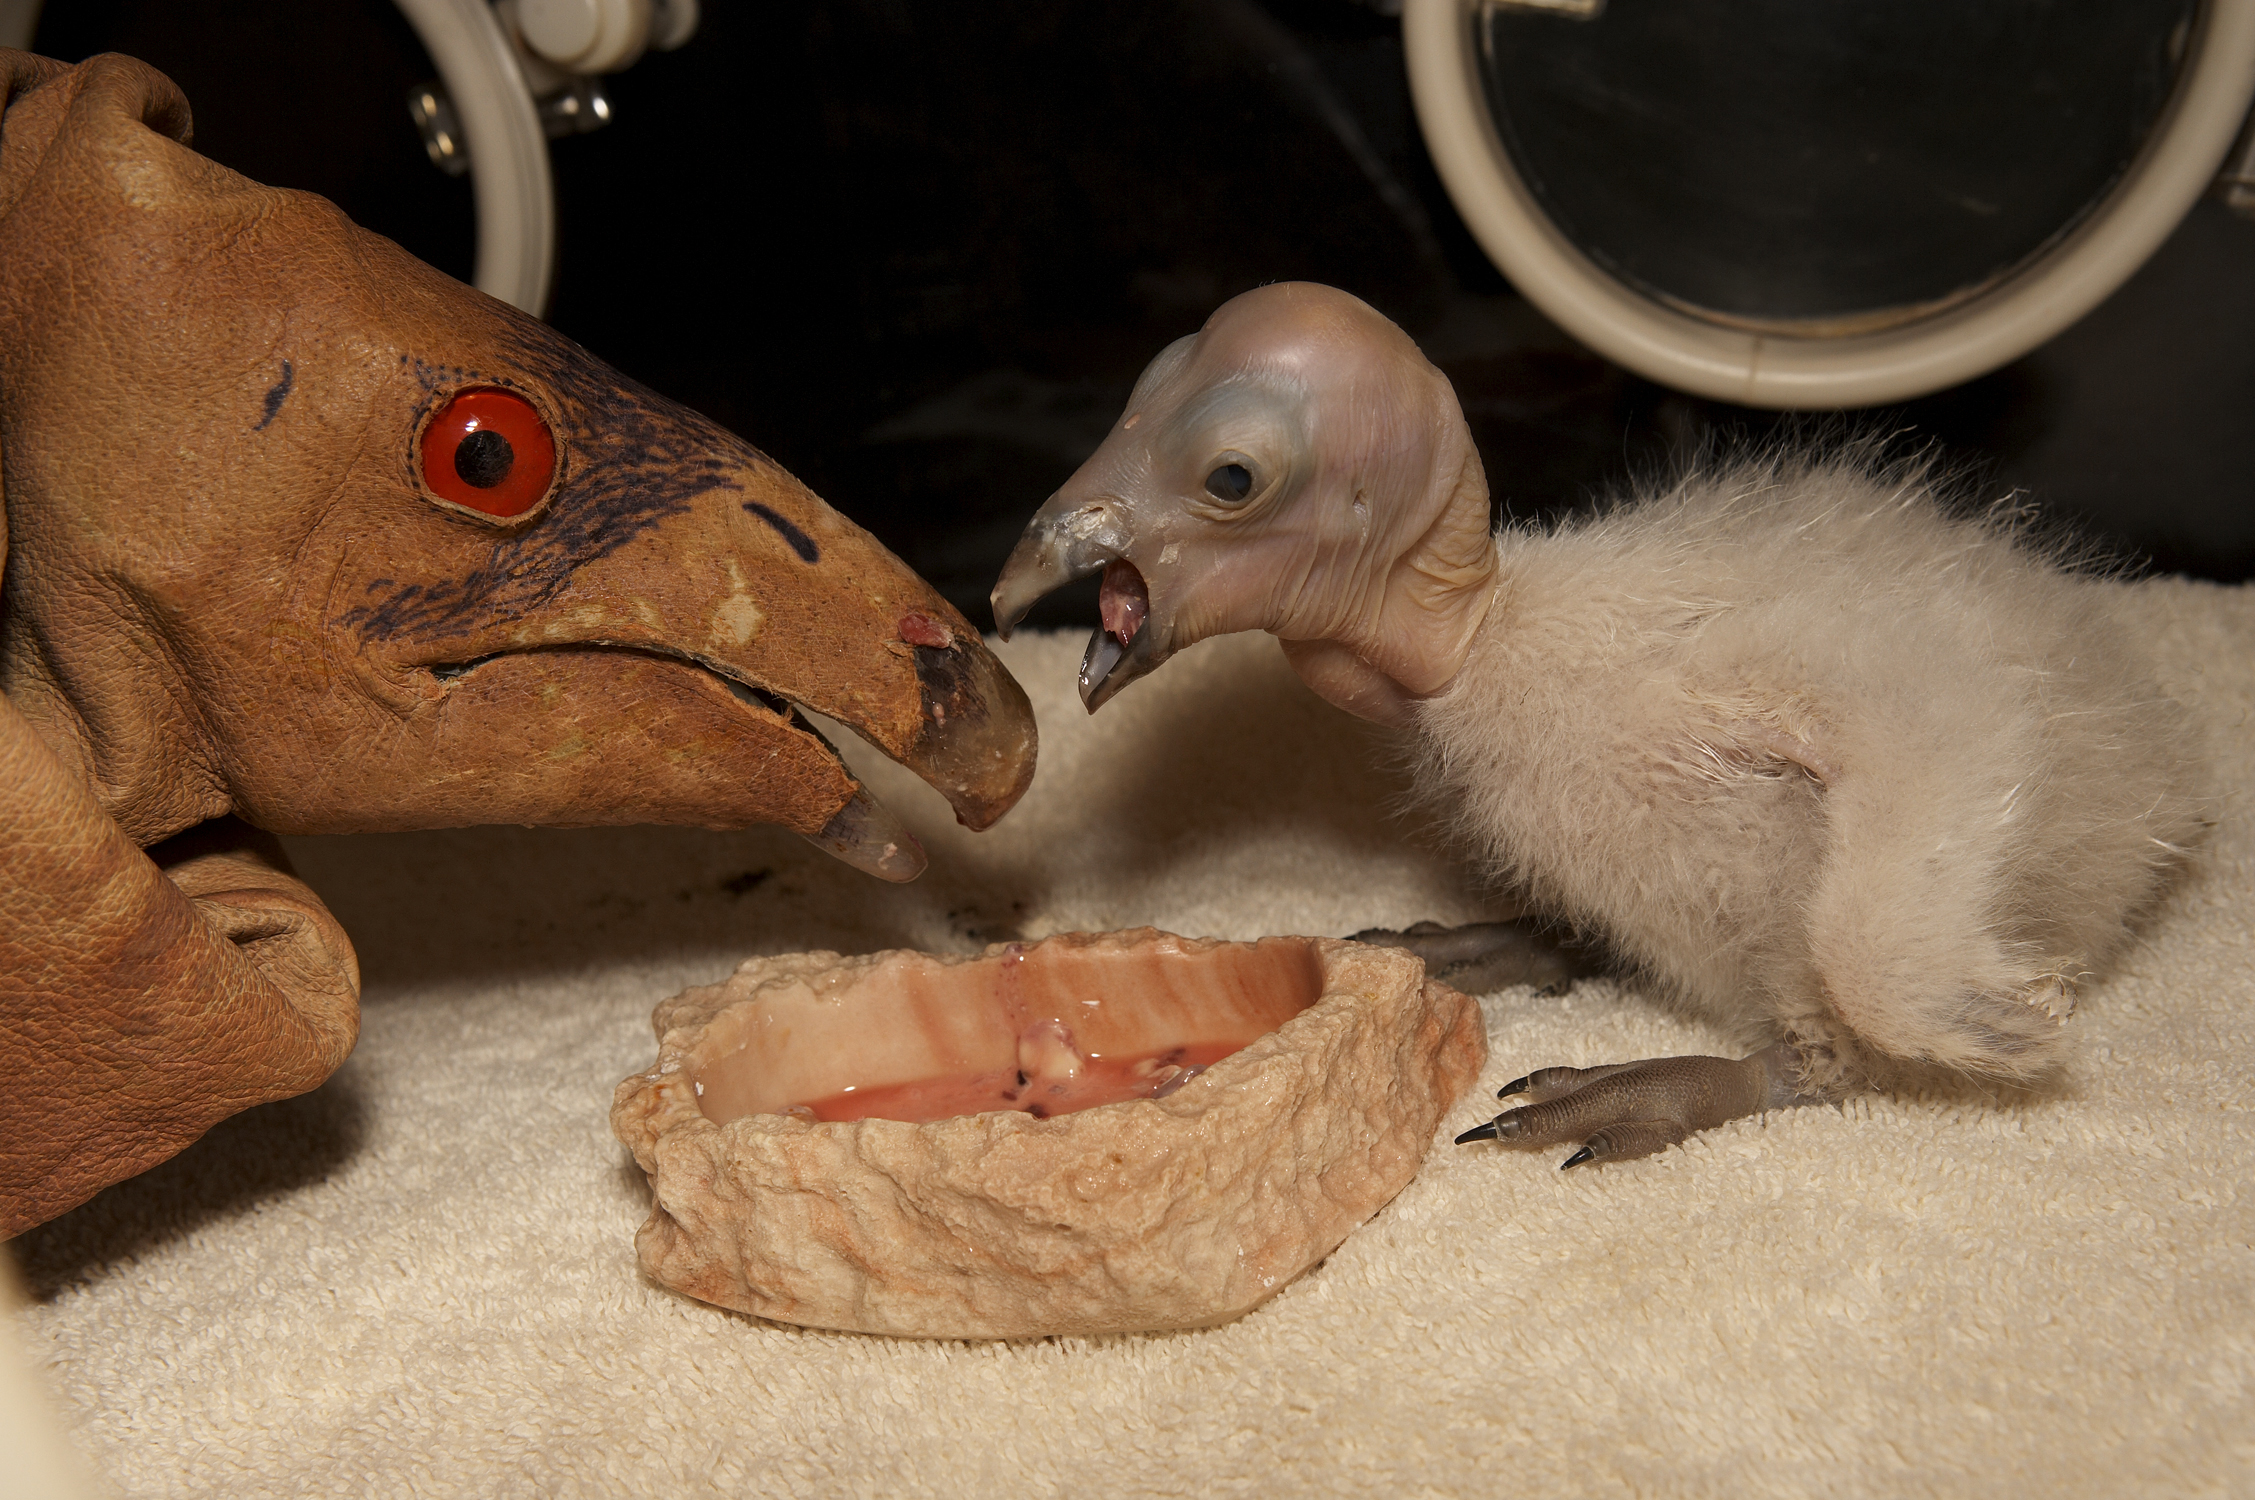 California Condor - Endangered Animals, Class of 2022